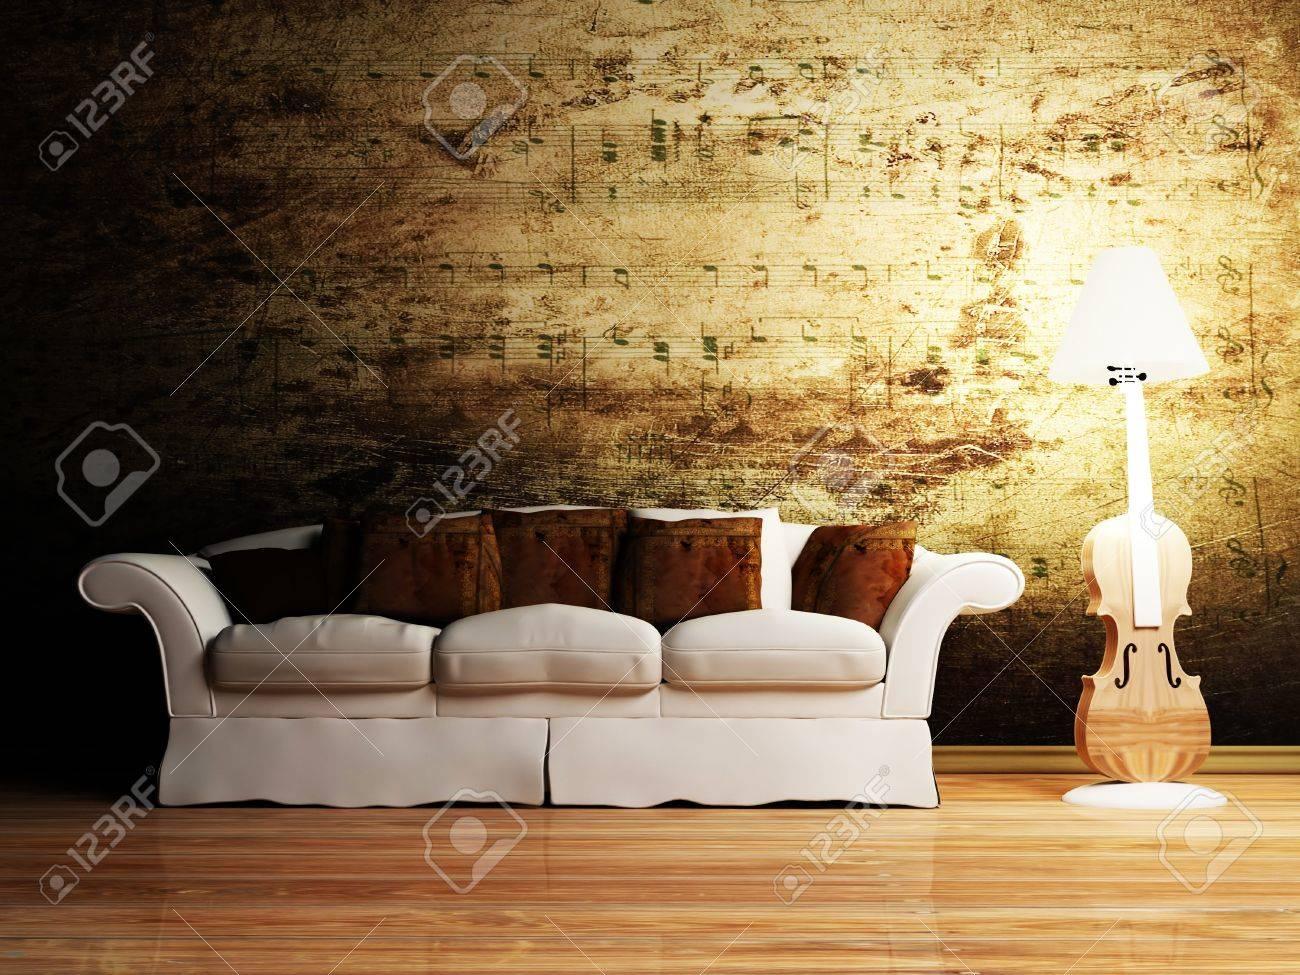 Schon Moderne Innenarchitektur Wohnzimmer Mit Einem Schönen Sofa Und Einem  Kreativen Stehleuchte Standard Bild   12975928